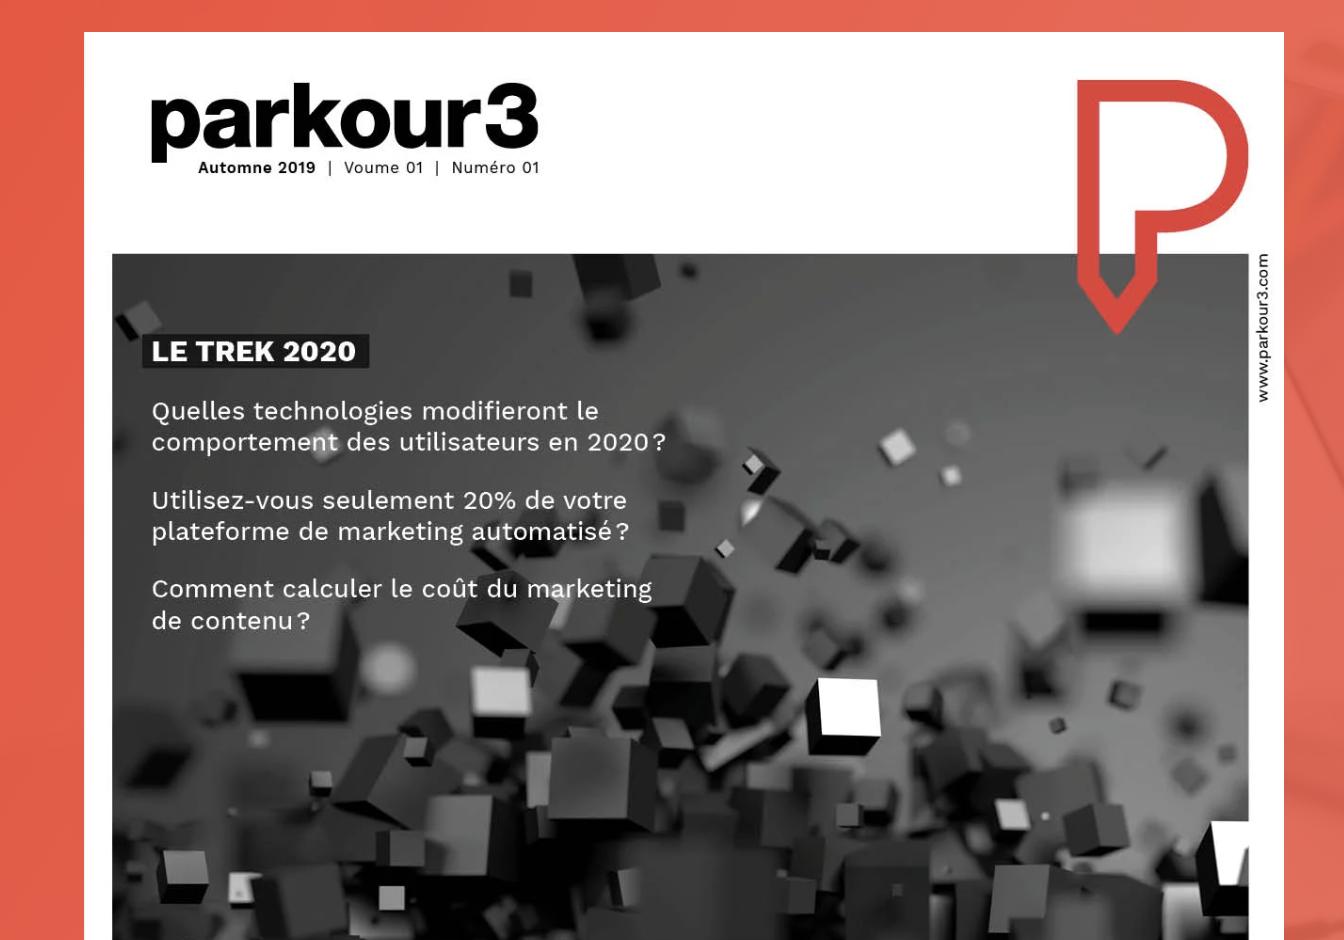 parkour 3